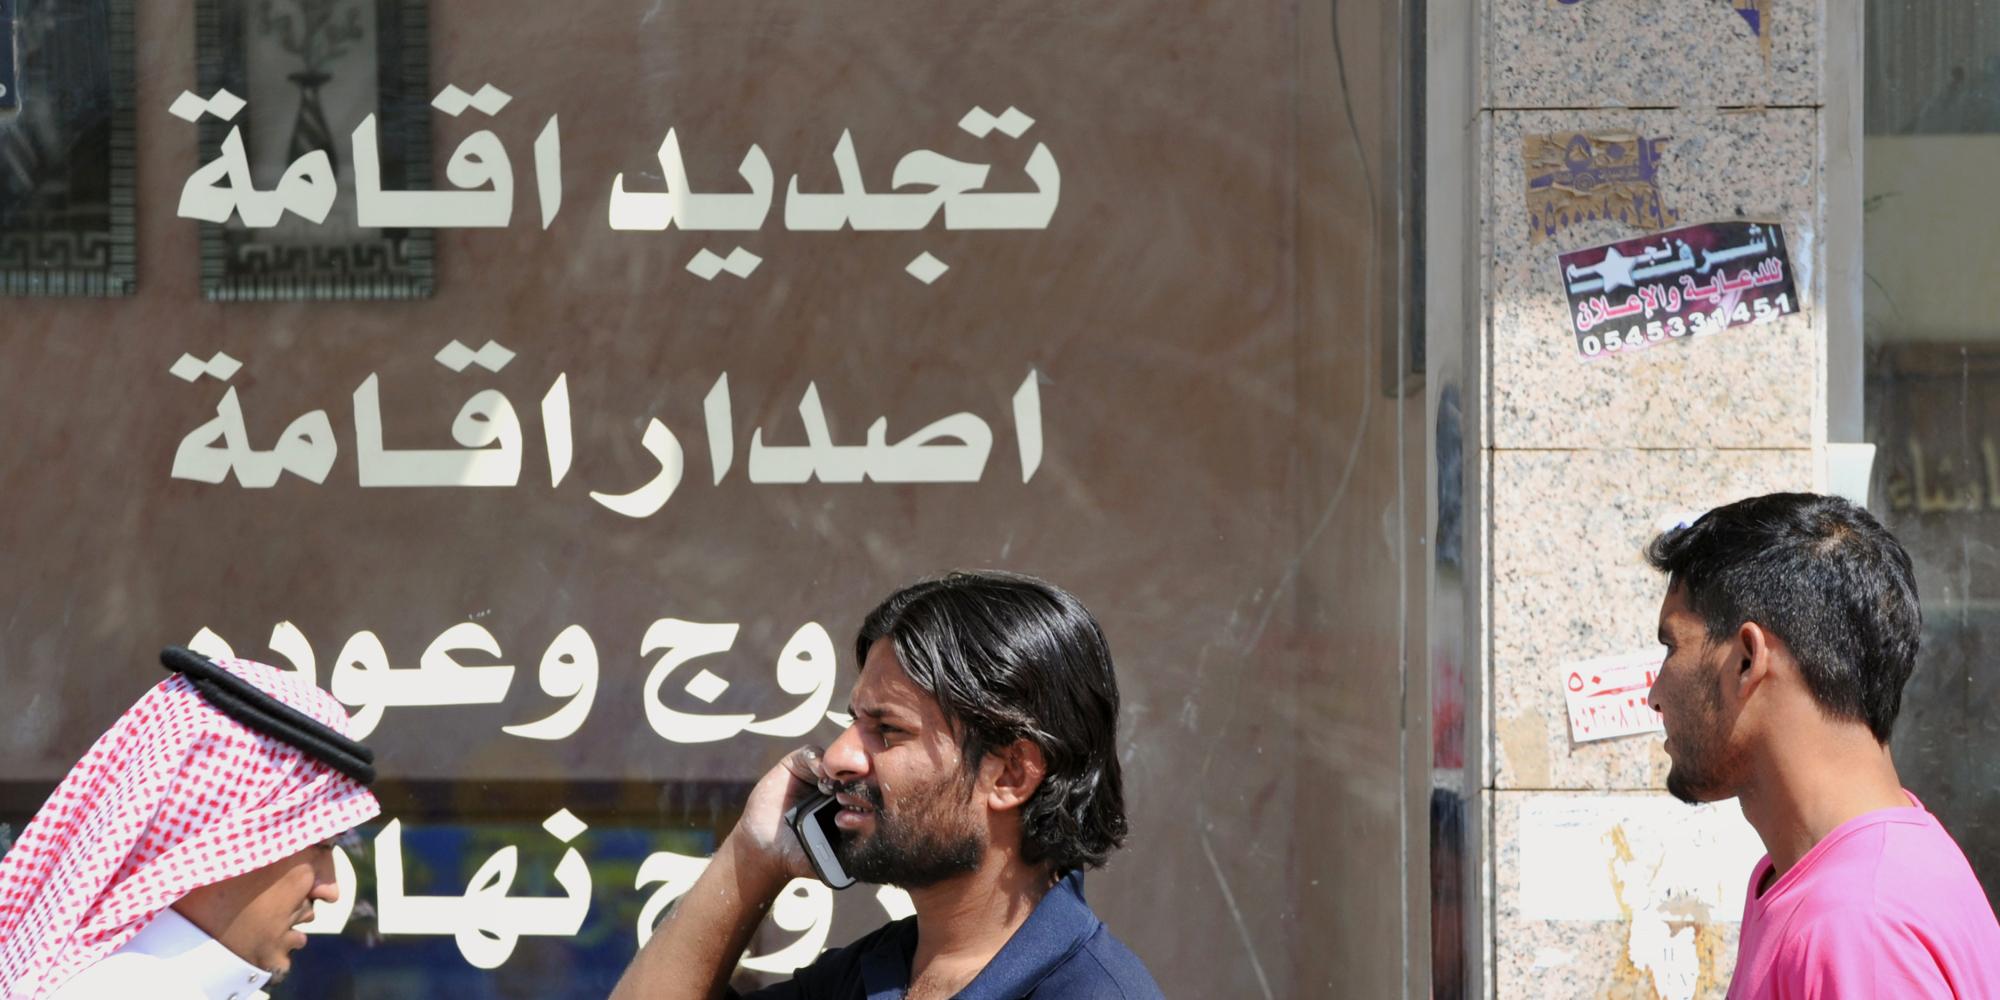 العصر الذهبي ولَّى بالنسبة للعمالة الأجنبية في السعودية.. كيف يتعامل الوافدون مع الأوضاع الجديدة؟